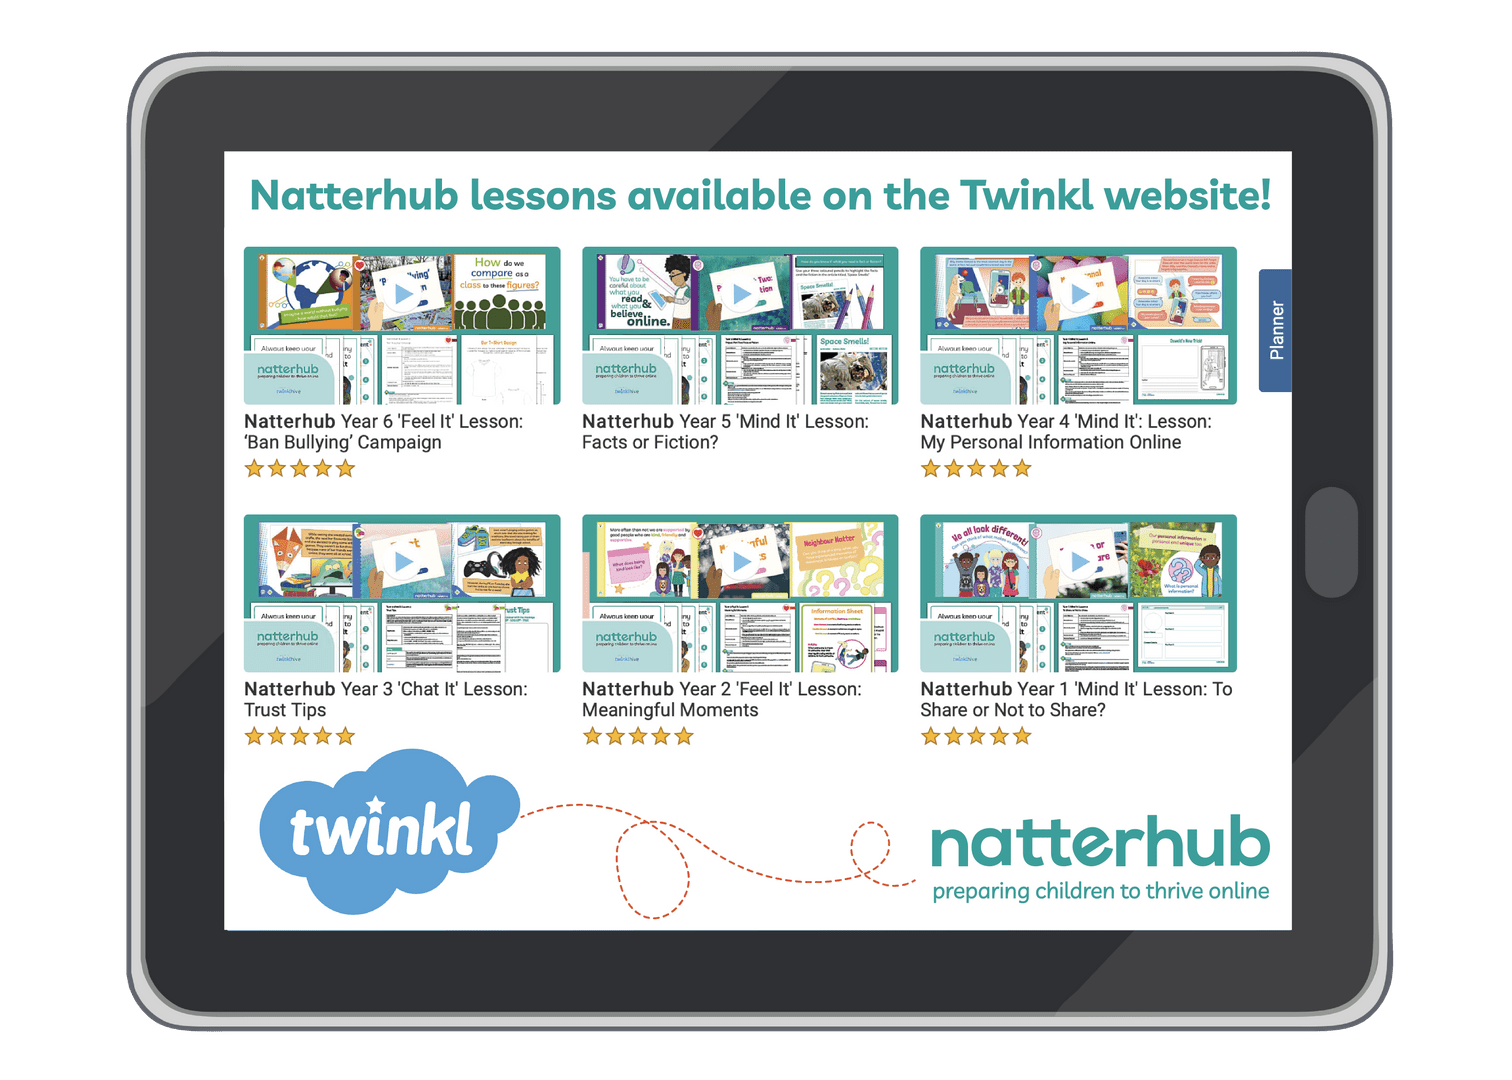 Twinkl & Natterhub Image